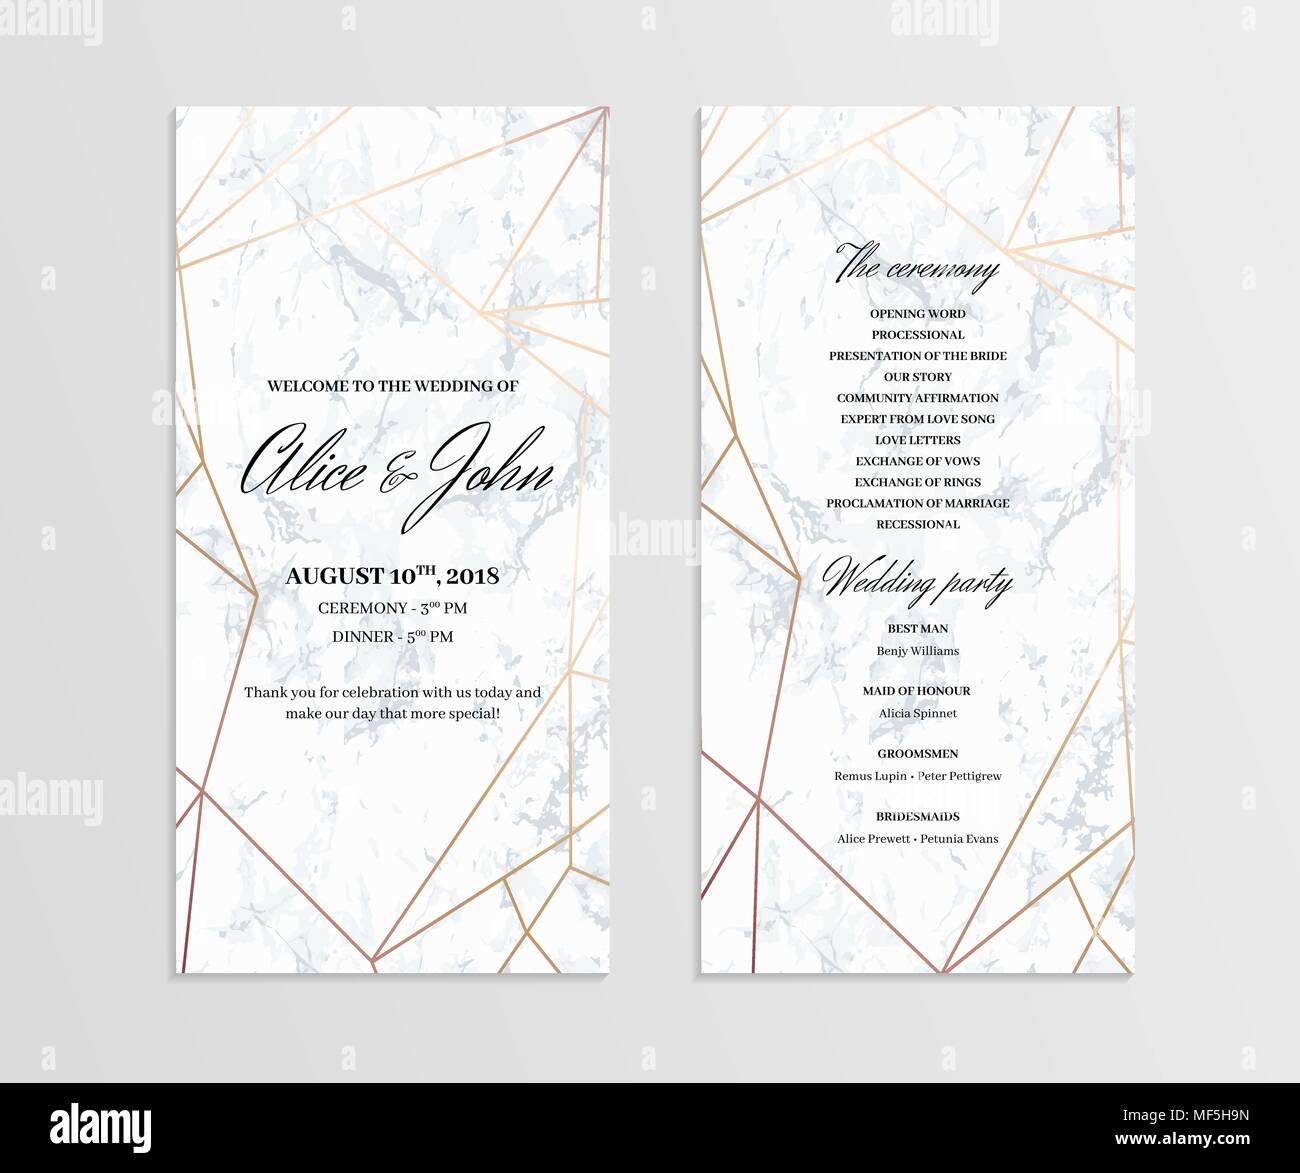 Großartig Diy Hochzeitsprogramme Vorlage Bilder - Entry Level Resume ...